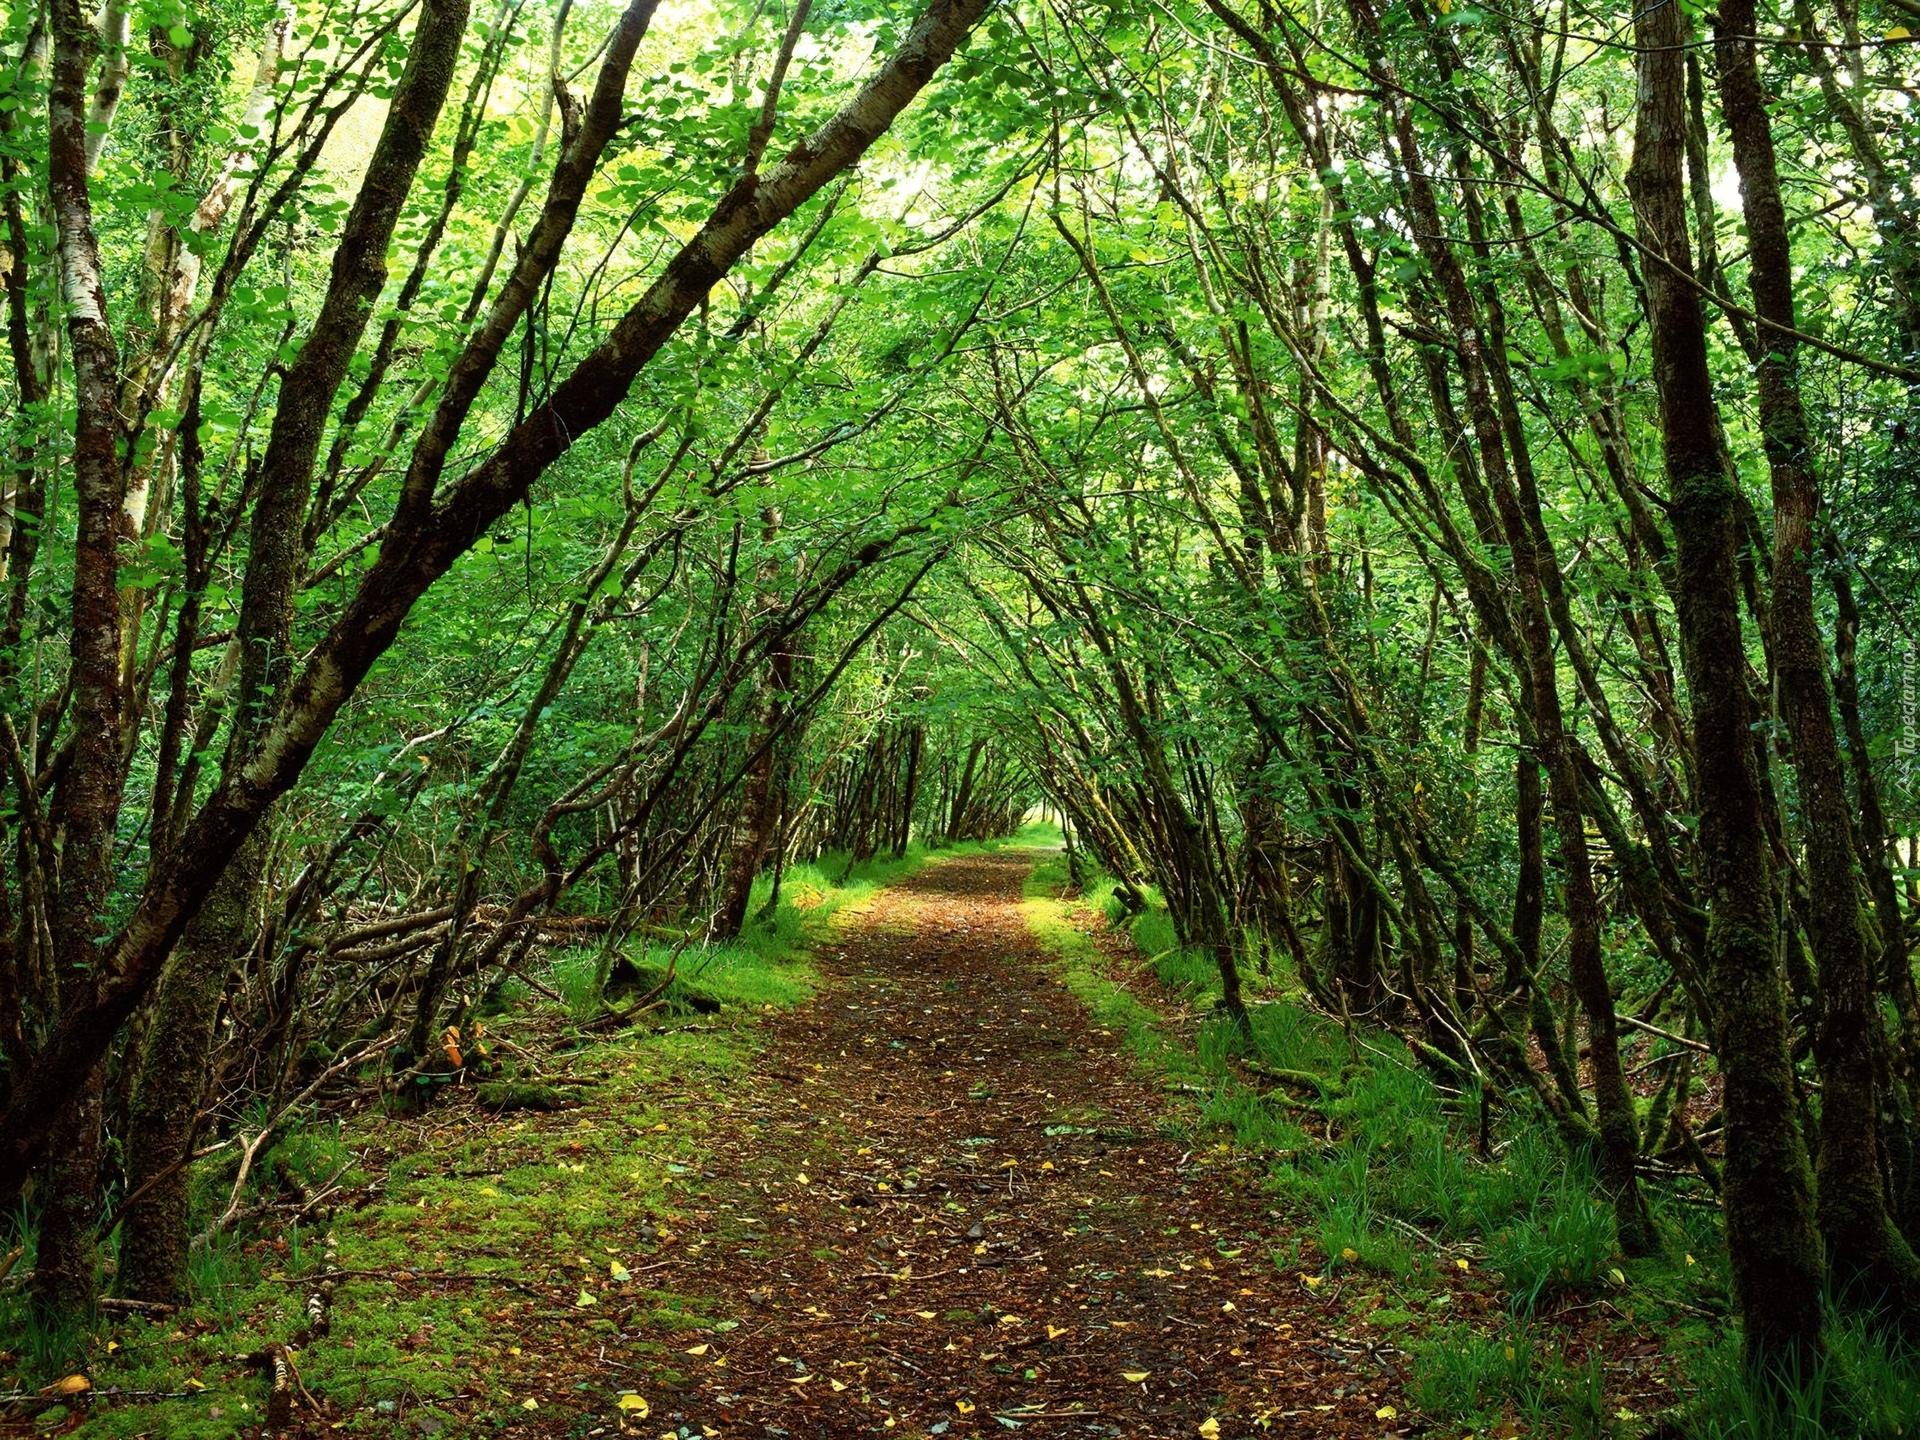 Rossacroo-na-loo Wood, Near Kilgarvan, County Kerry, Ireland  № 12710 загрузить